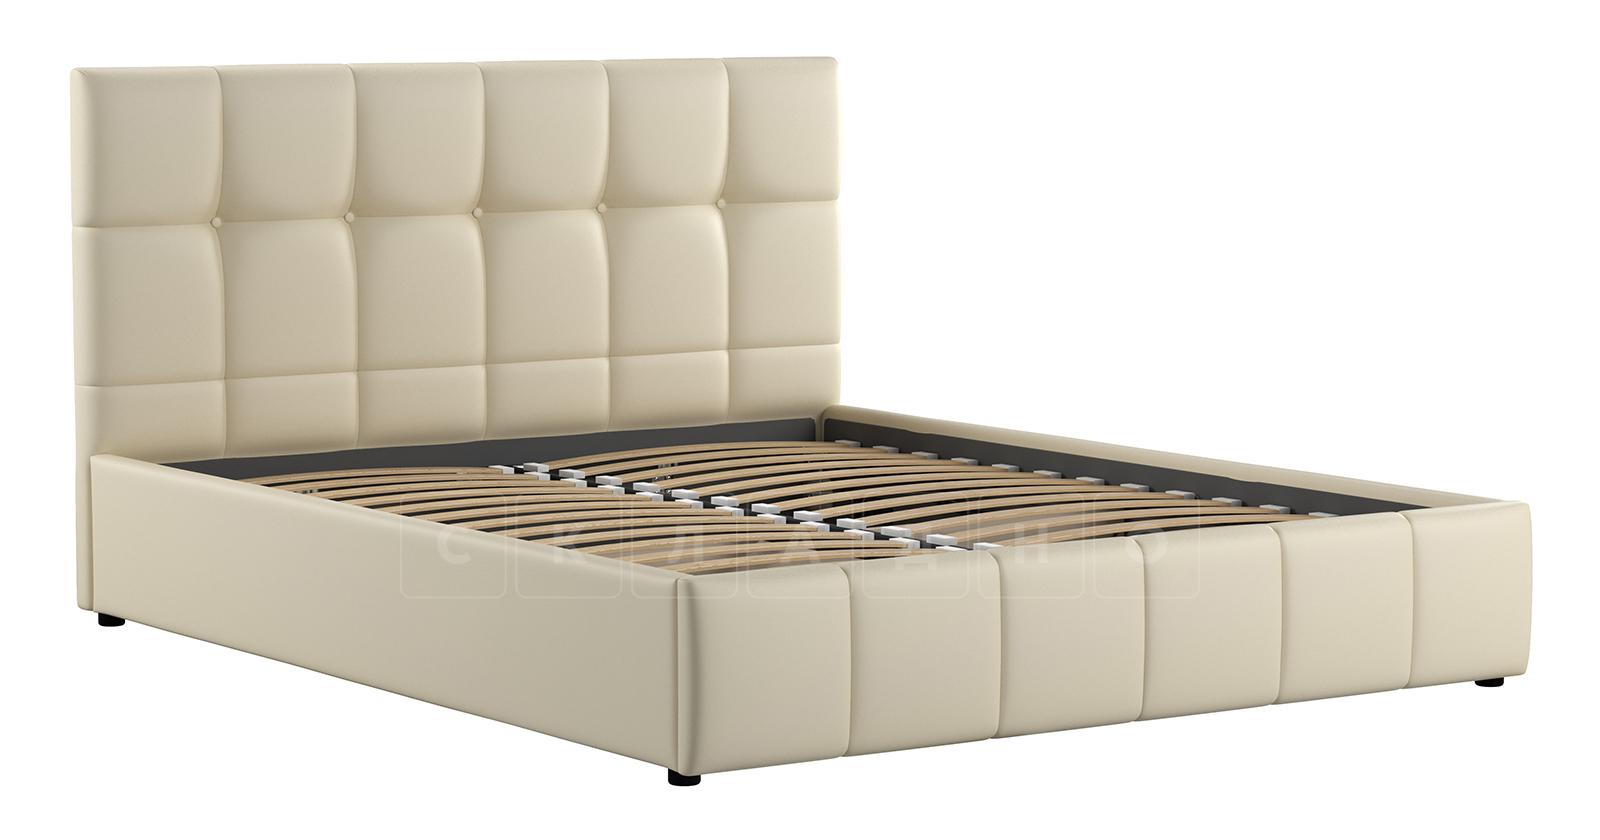 Мягкая кровать Хлоя 160 см сливочный с подъемным механизмом фото 3   интернет-магазин Складно